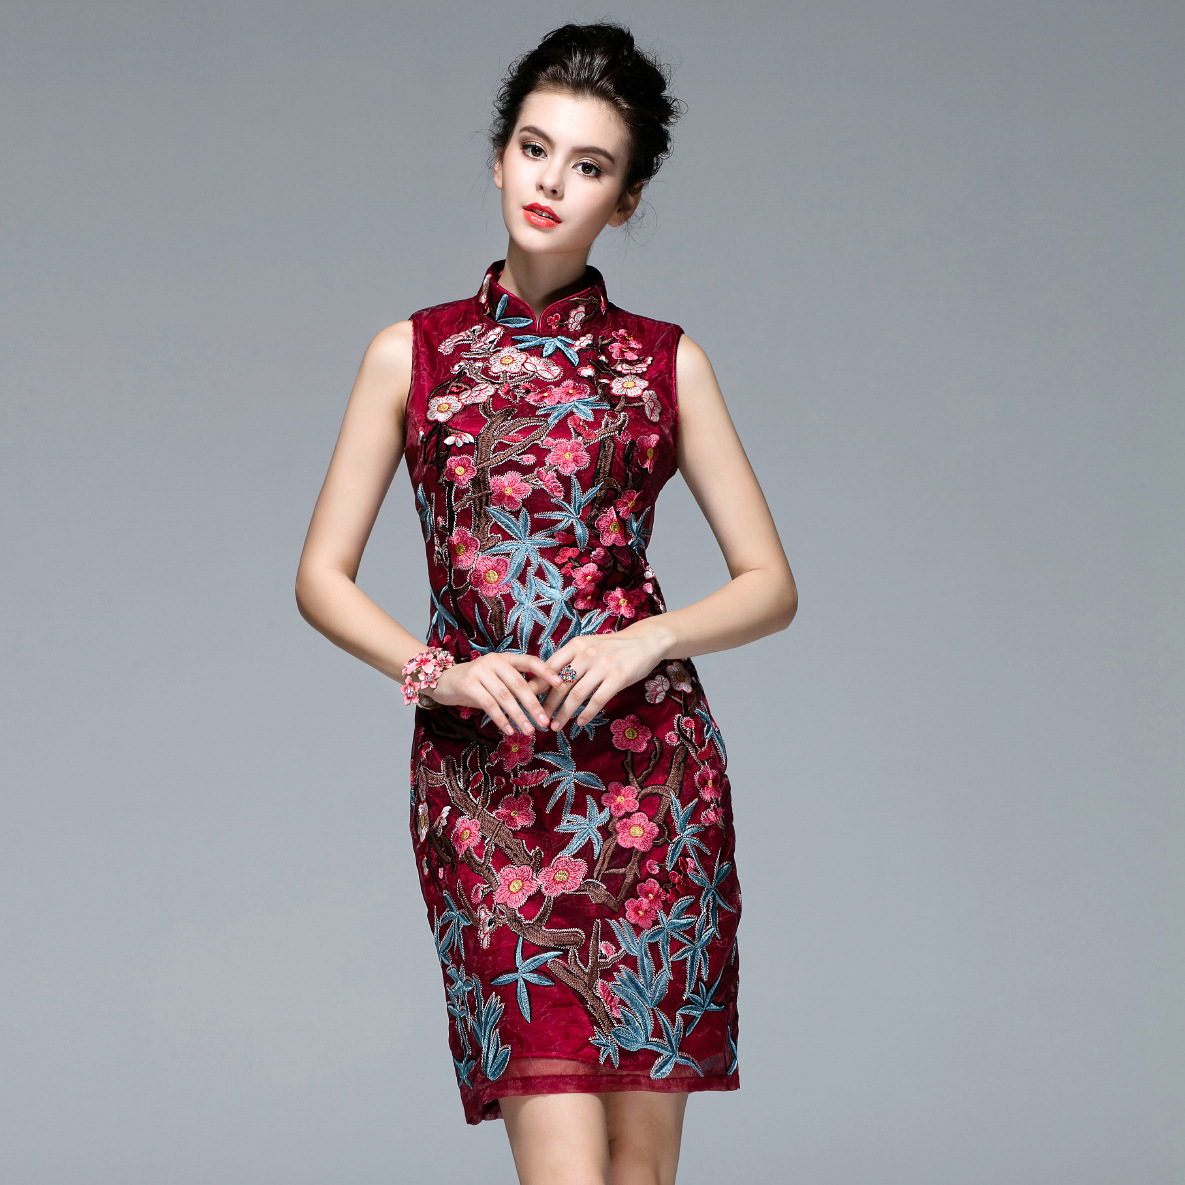 Вышитая органза на платье